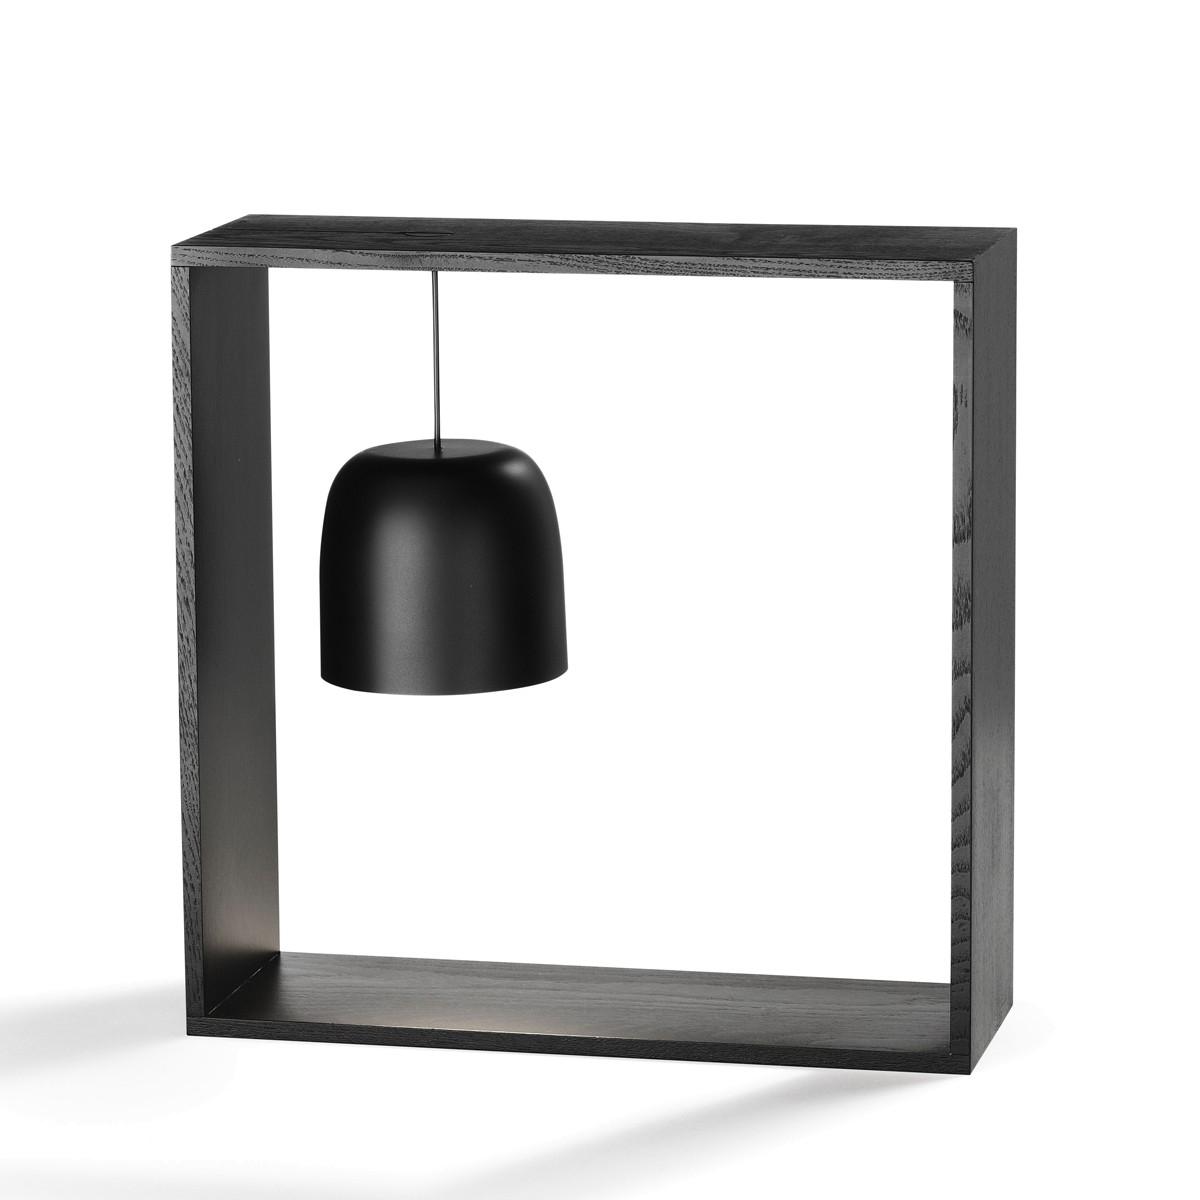 Flos Gaku Wire LED Tischleuchte, schwarz, Rahmen: Schwarzesche